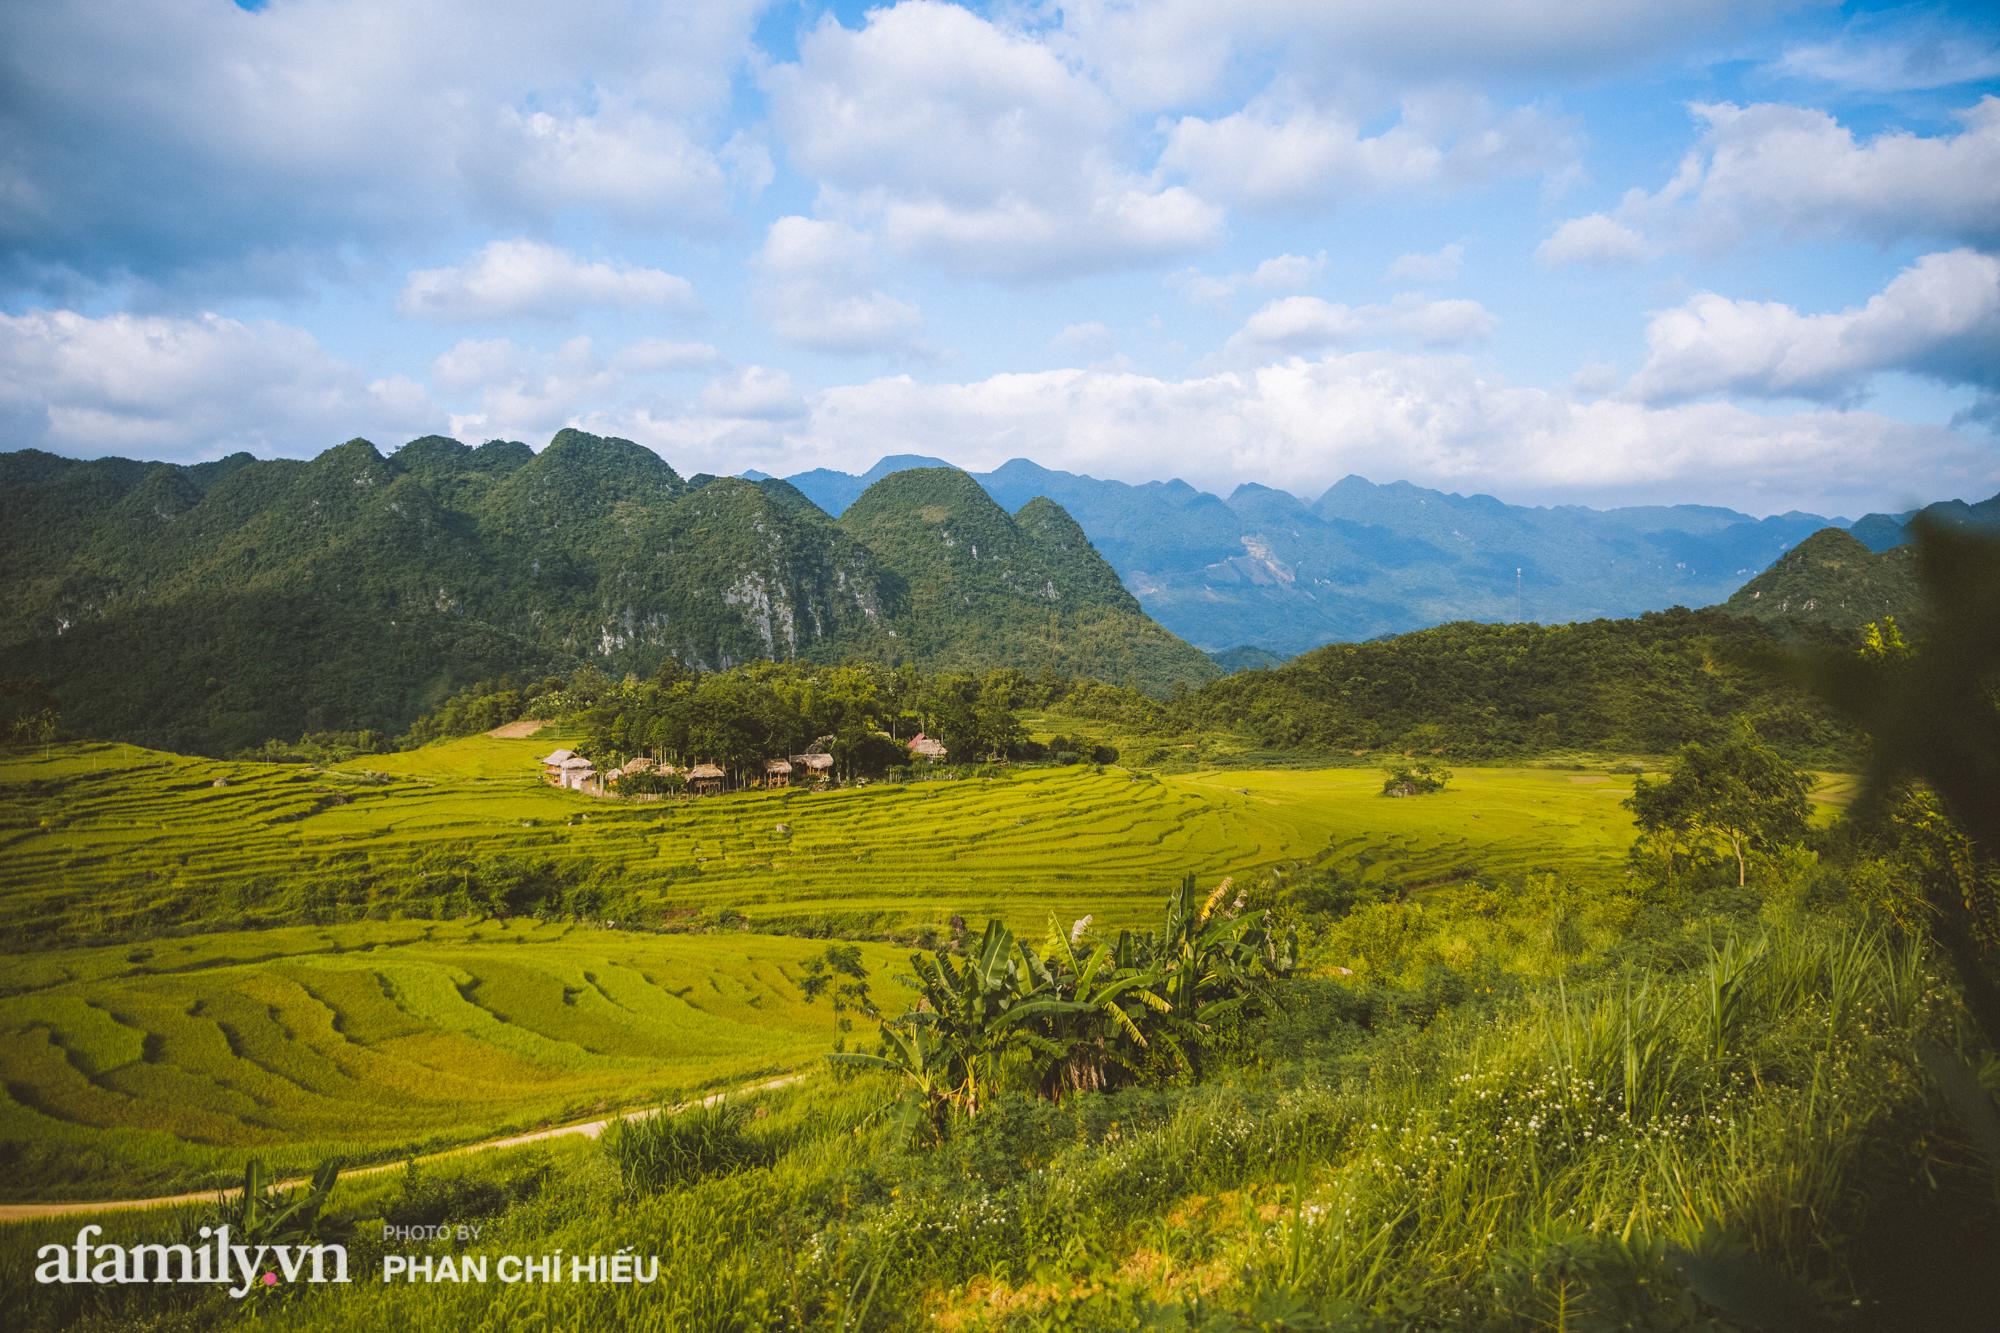 Đến với Pù Luông đâu chỉ để săn mùa lúa chín, mà còn là những trải nghiệm cực kỳ thú vị không phải nơi vùng cao nào cũng có - Ảnh 1.